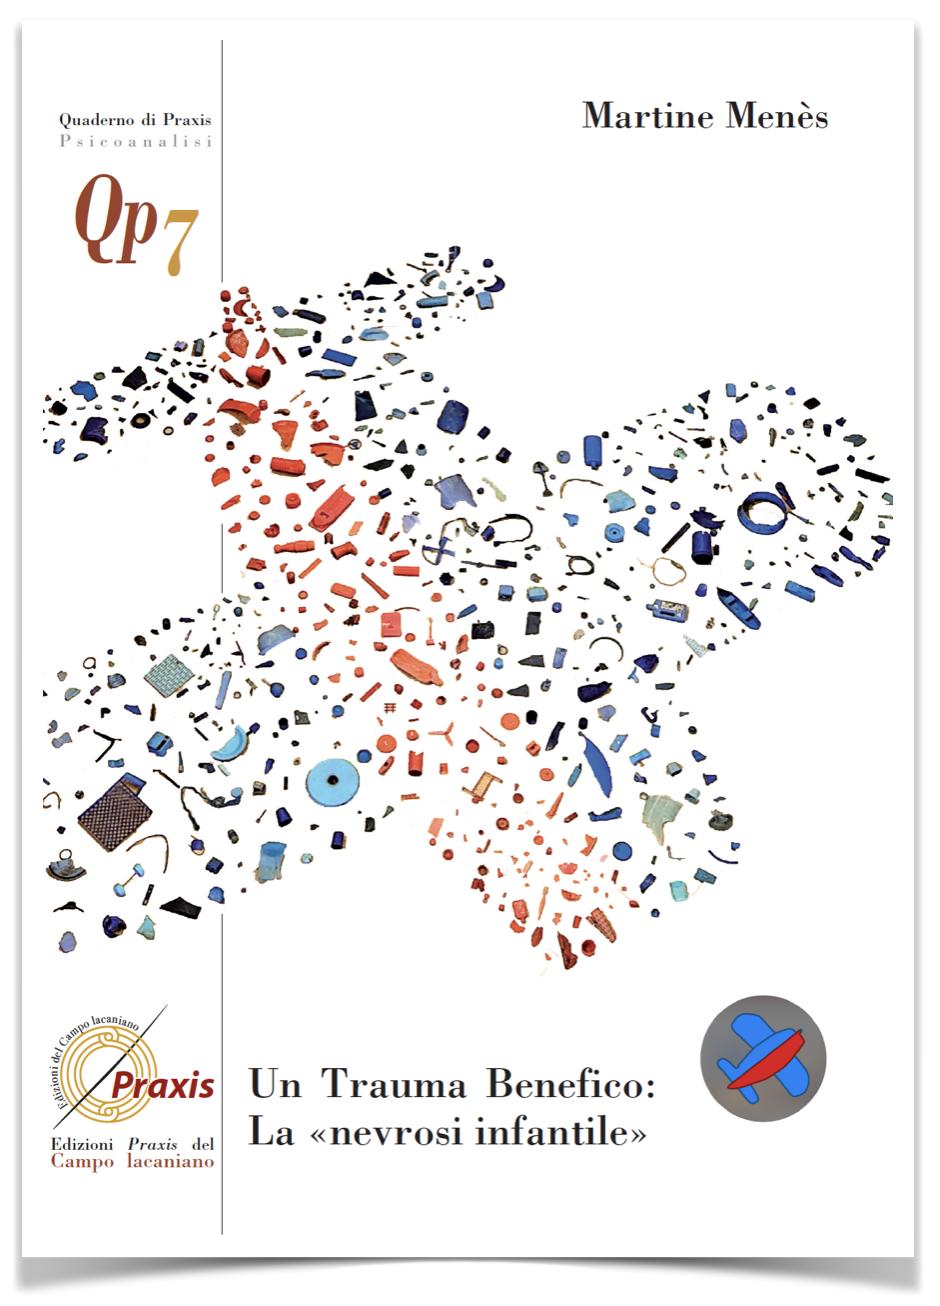 Copertina-QP7-Untraumabenefico